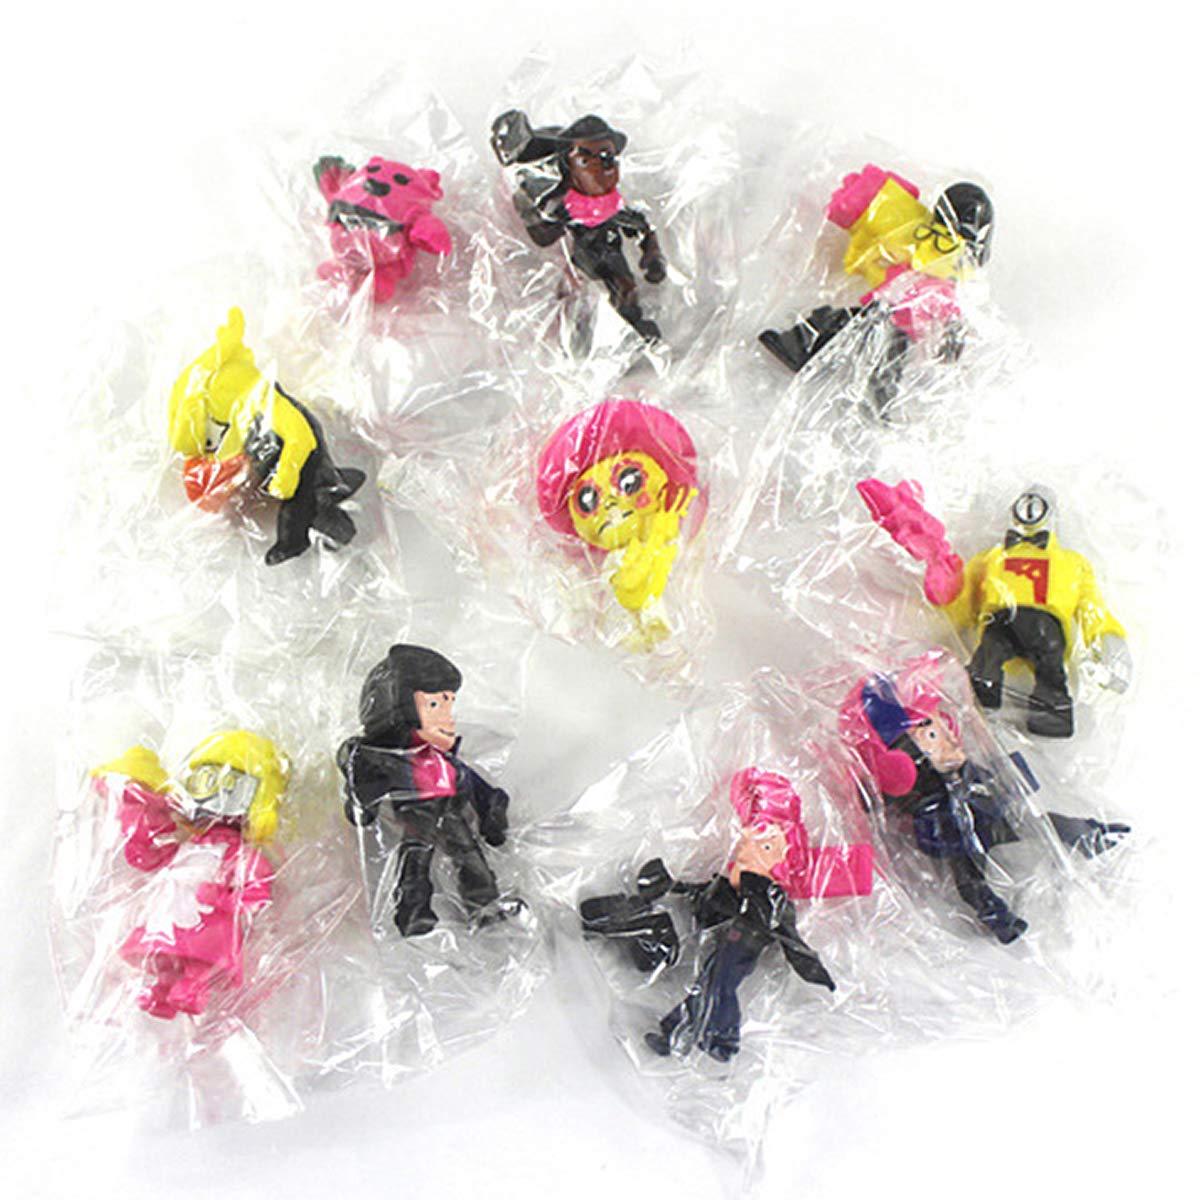 10 PCS LuLezon Brawl Stars Gioco Action Figure Giocattoli Giocattoli Modello in PVC